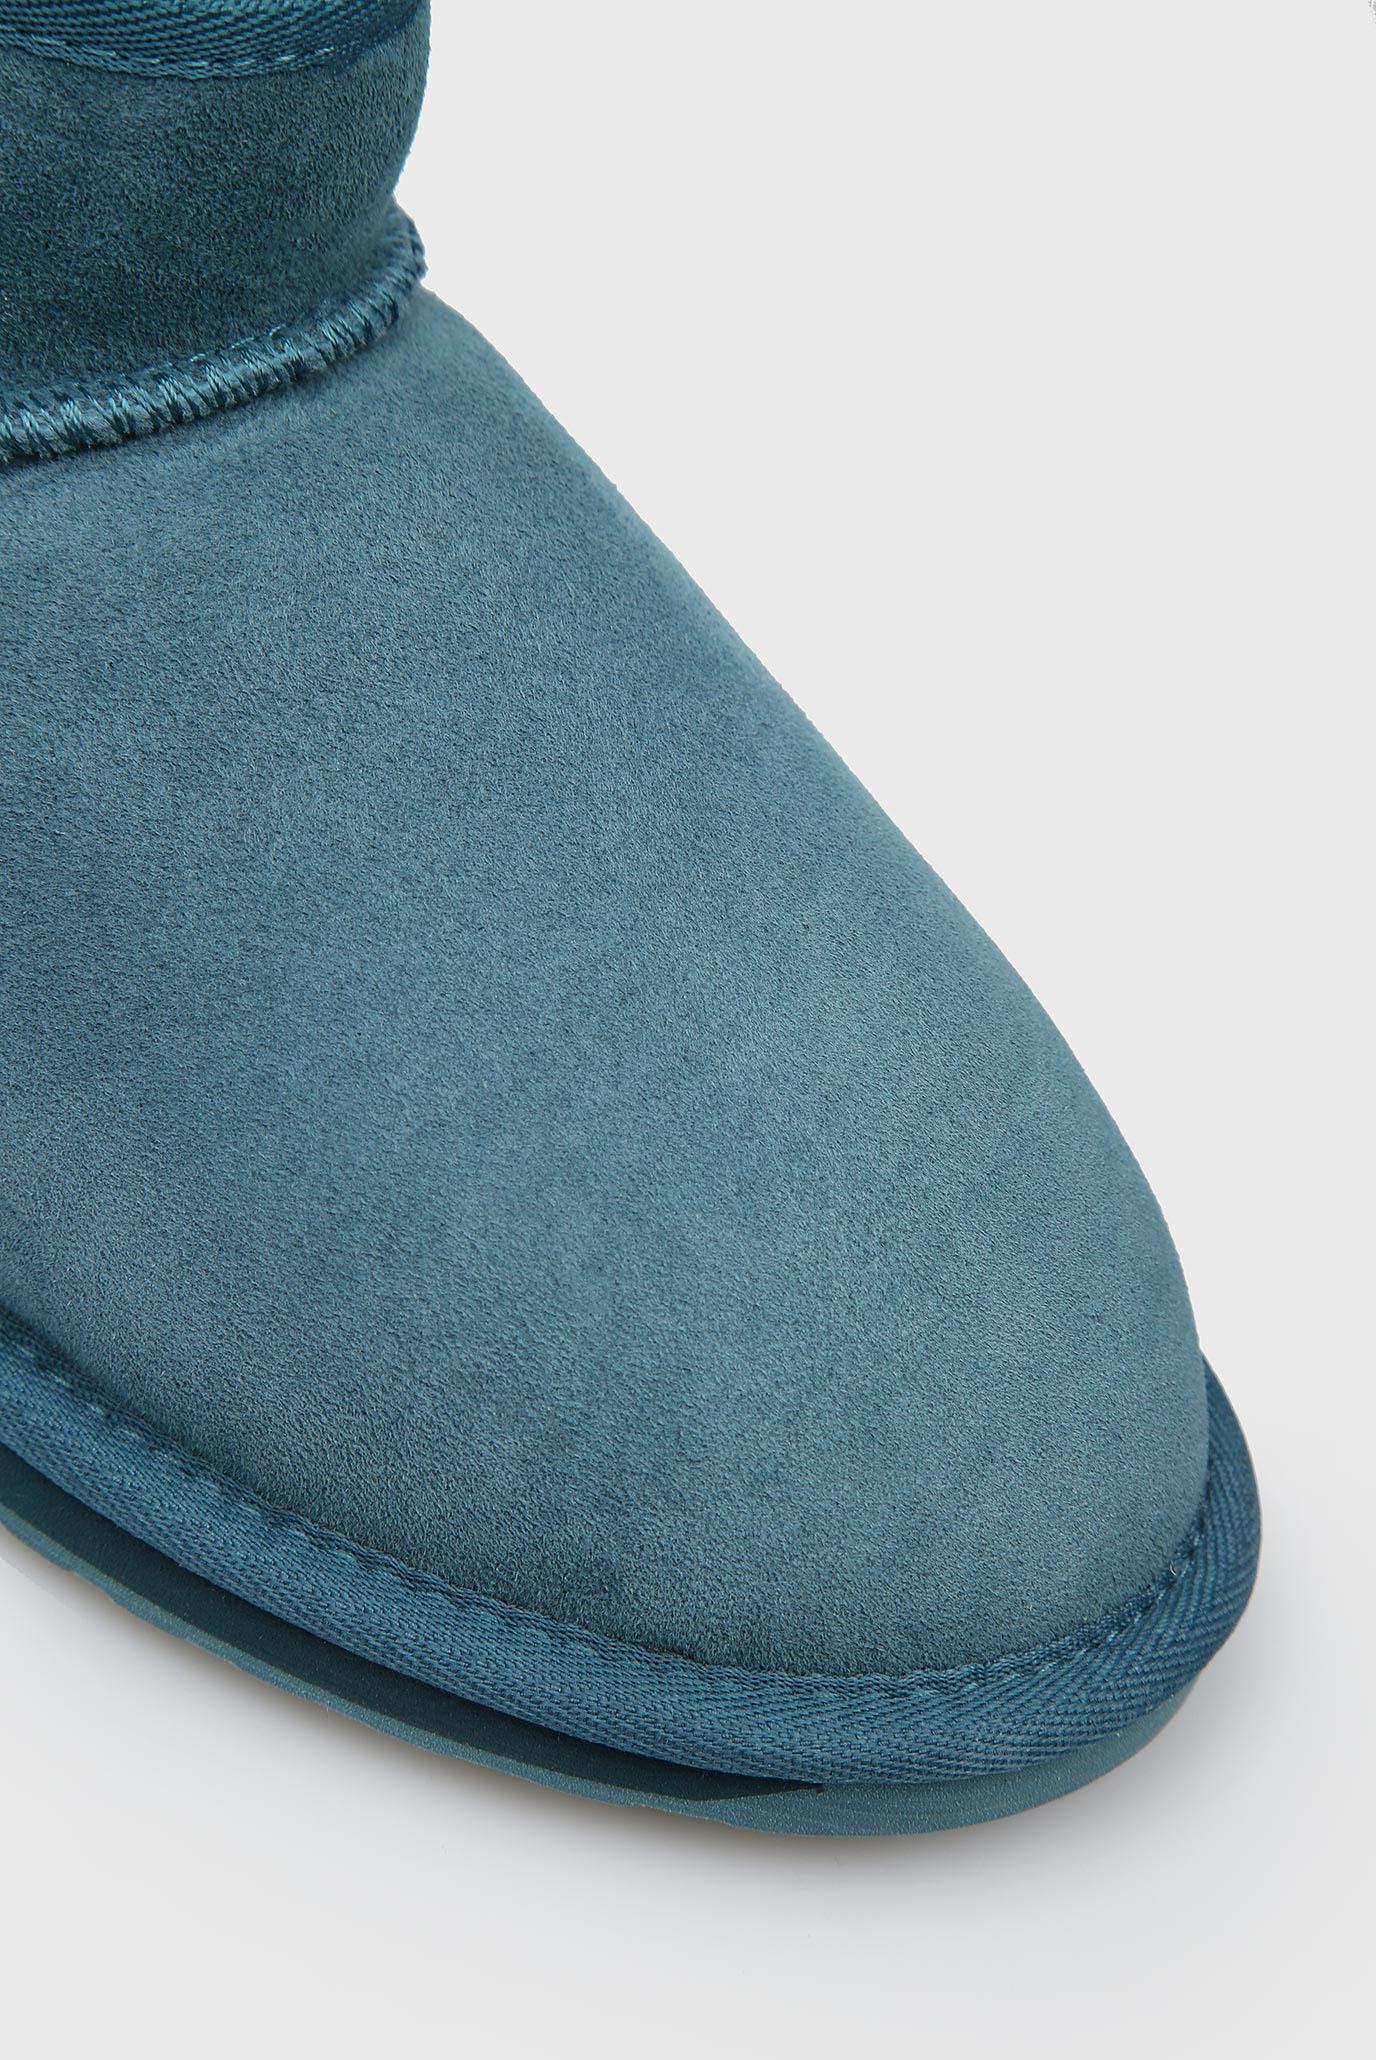 Купить Женские голубые замшевые угги Stinger Micro EMU Australia  EMU Australia  W10937 – Киев, Украина. Цены в интернет магазине MD Fashion